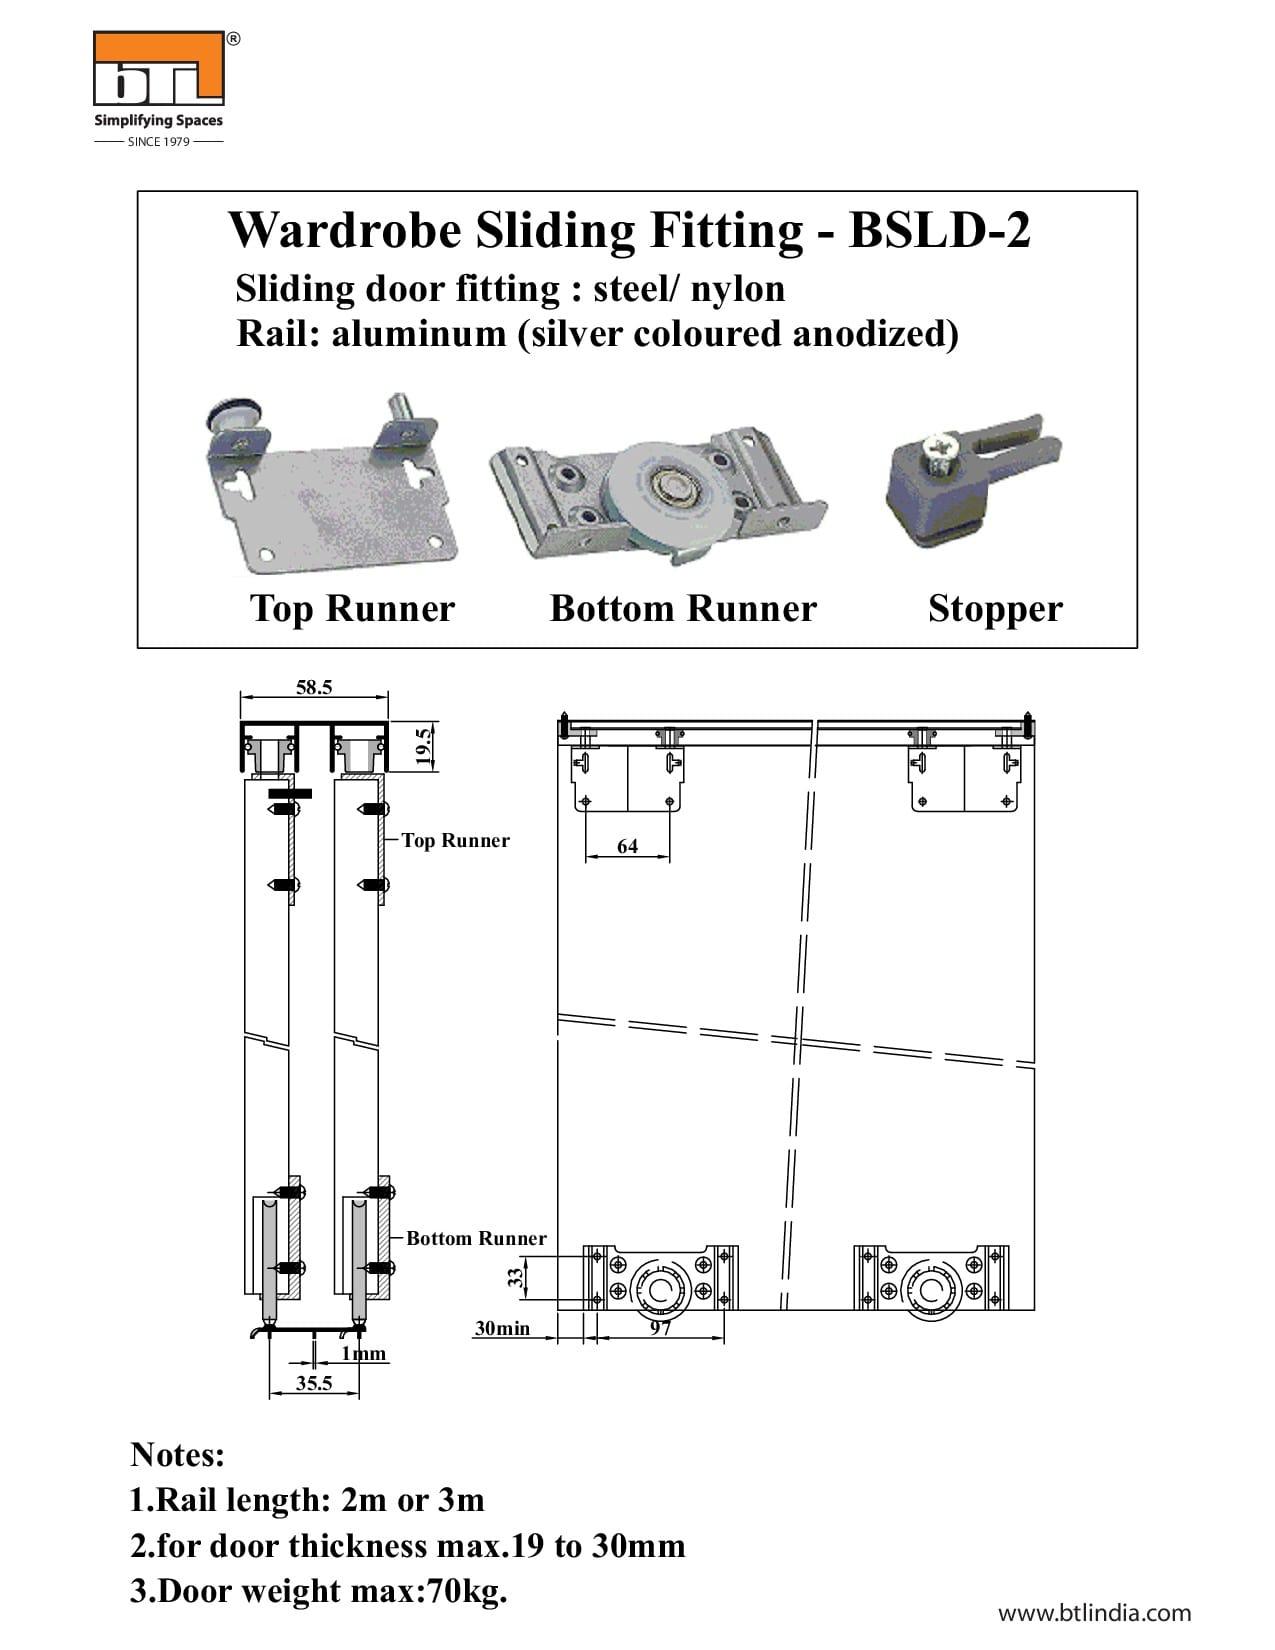 BTL BSLD-2 Heavy Duty Wardrobe Sliding Fitting - Specifications